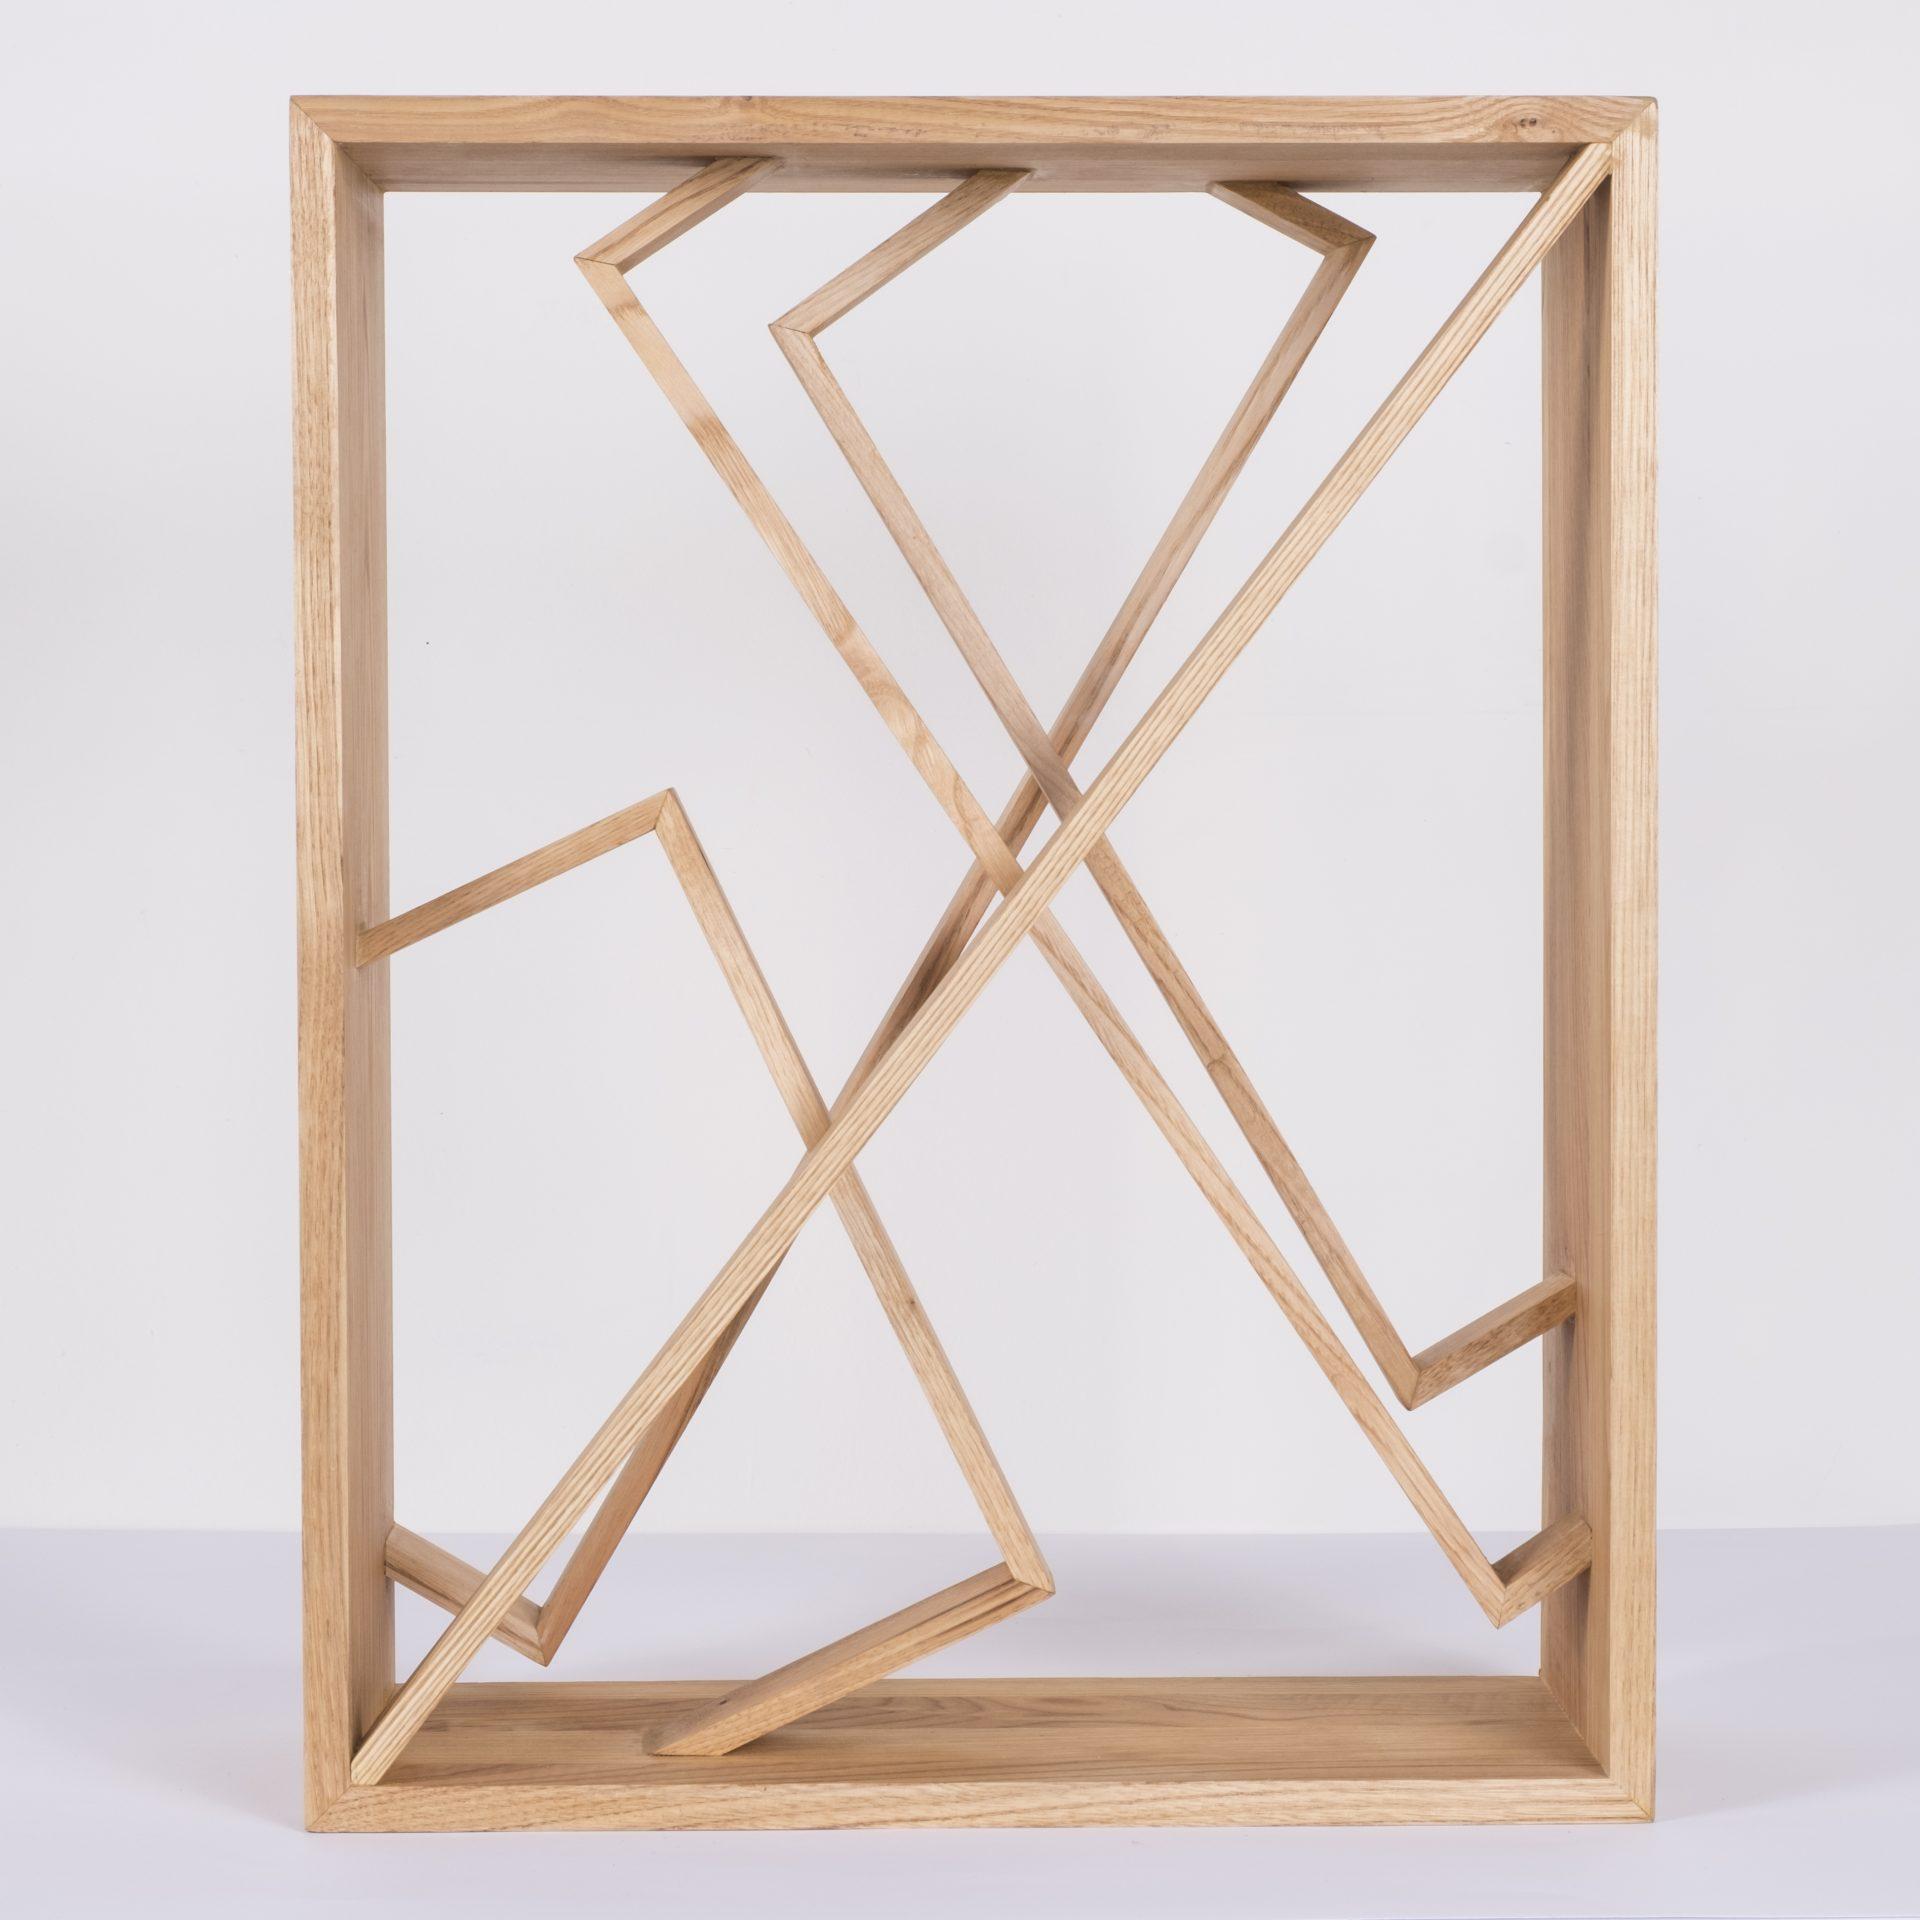 Unlimited in Dynamo<br>RMR23<br>misure: circa 44 x 56 cm<br>tecnica: legno castagno <br>anno: 2018<br><br>DISPONIBILE